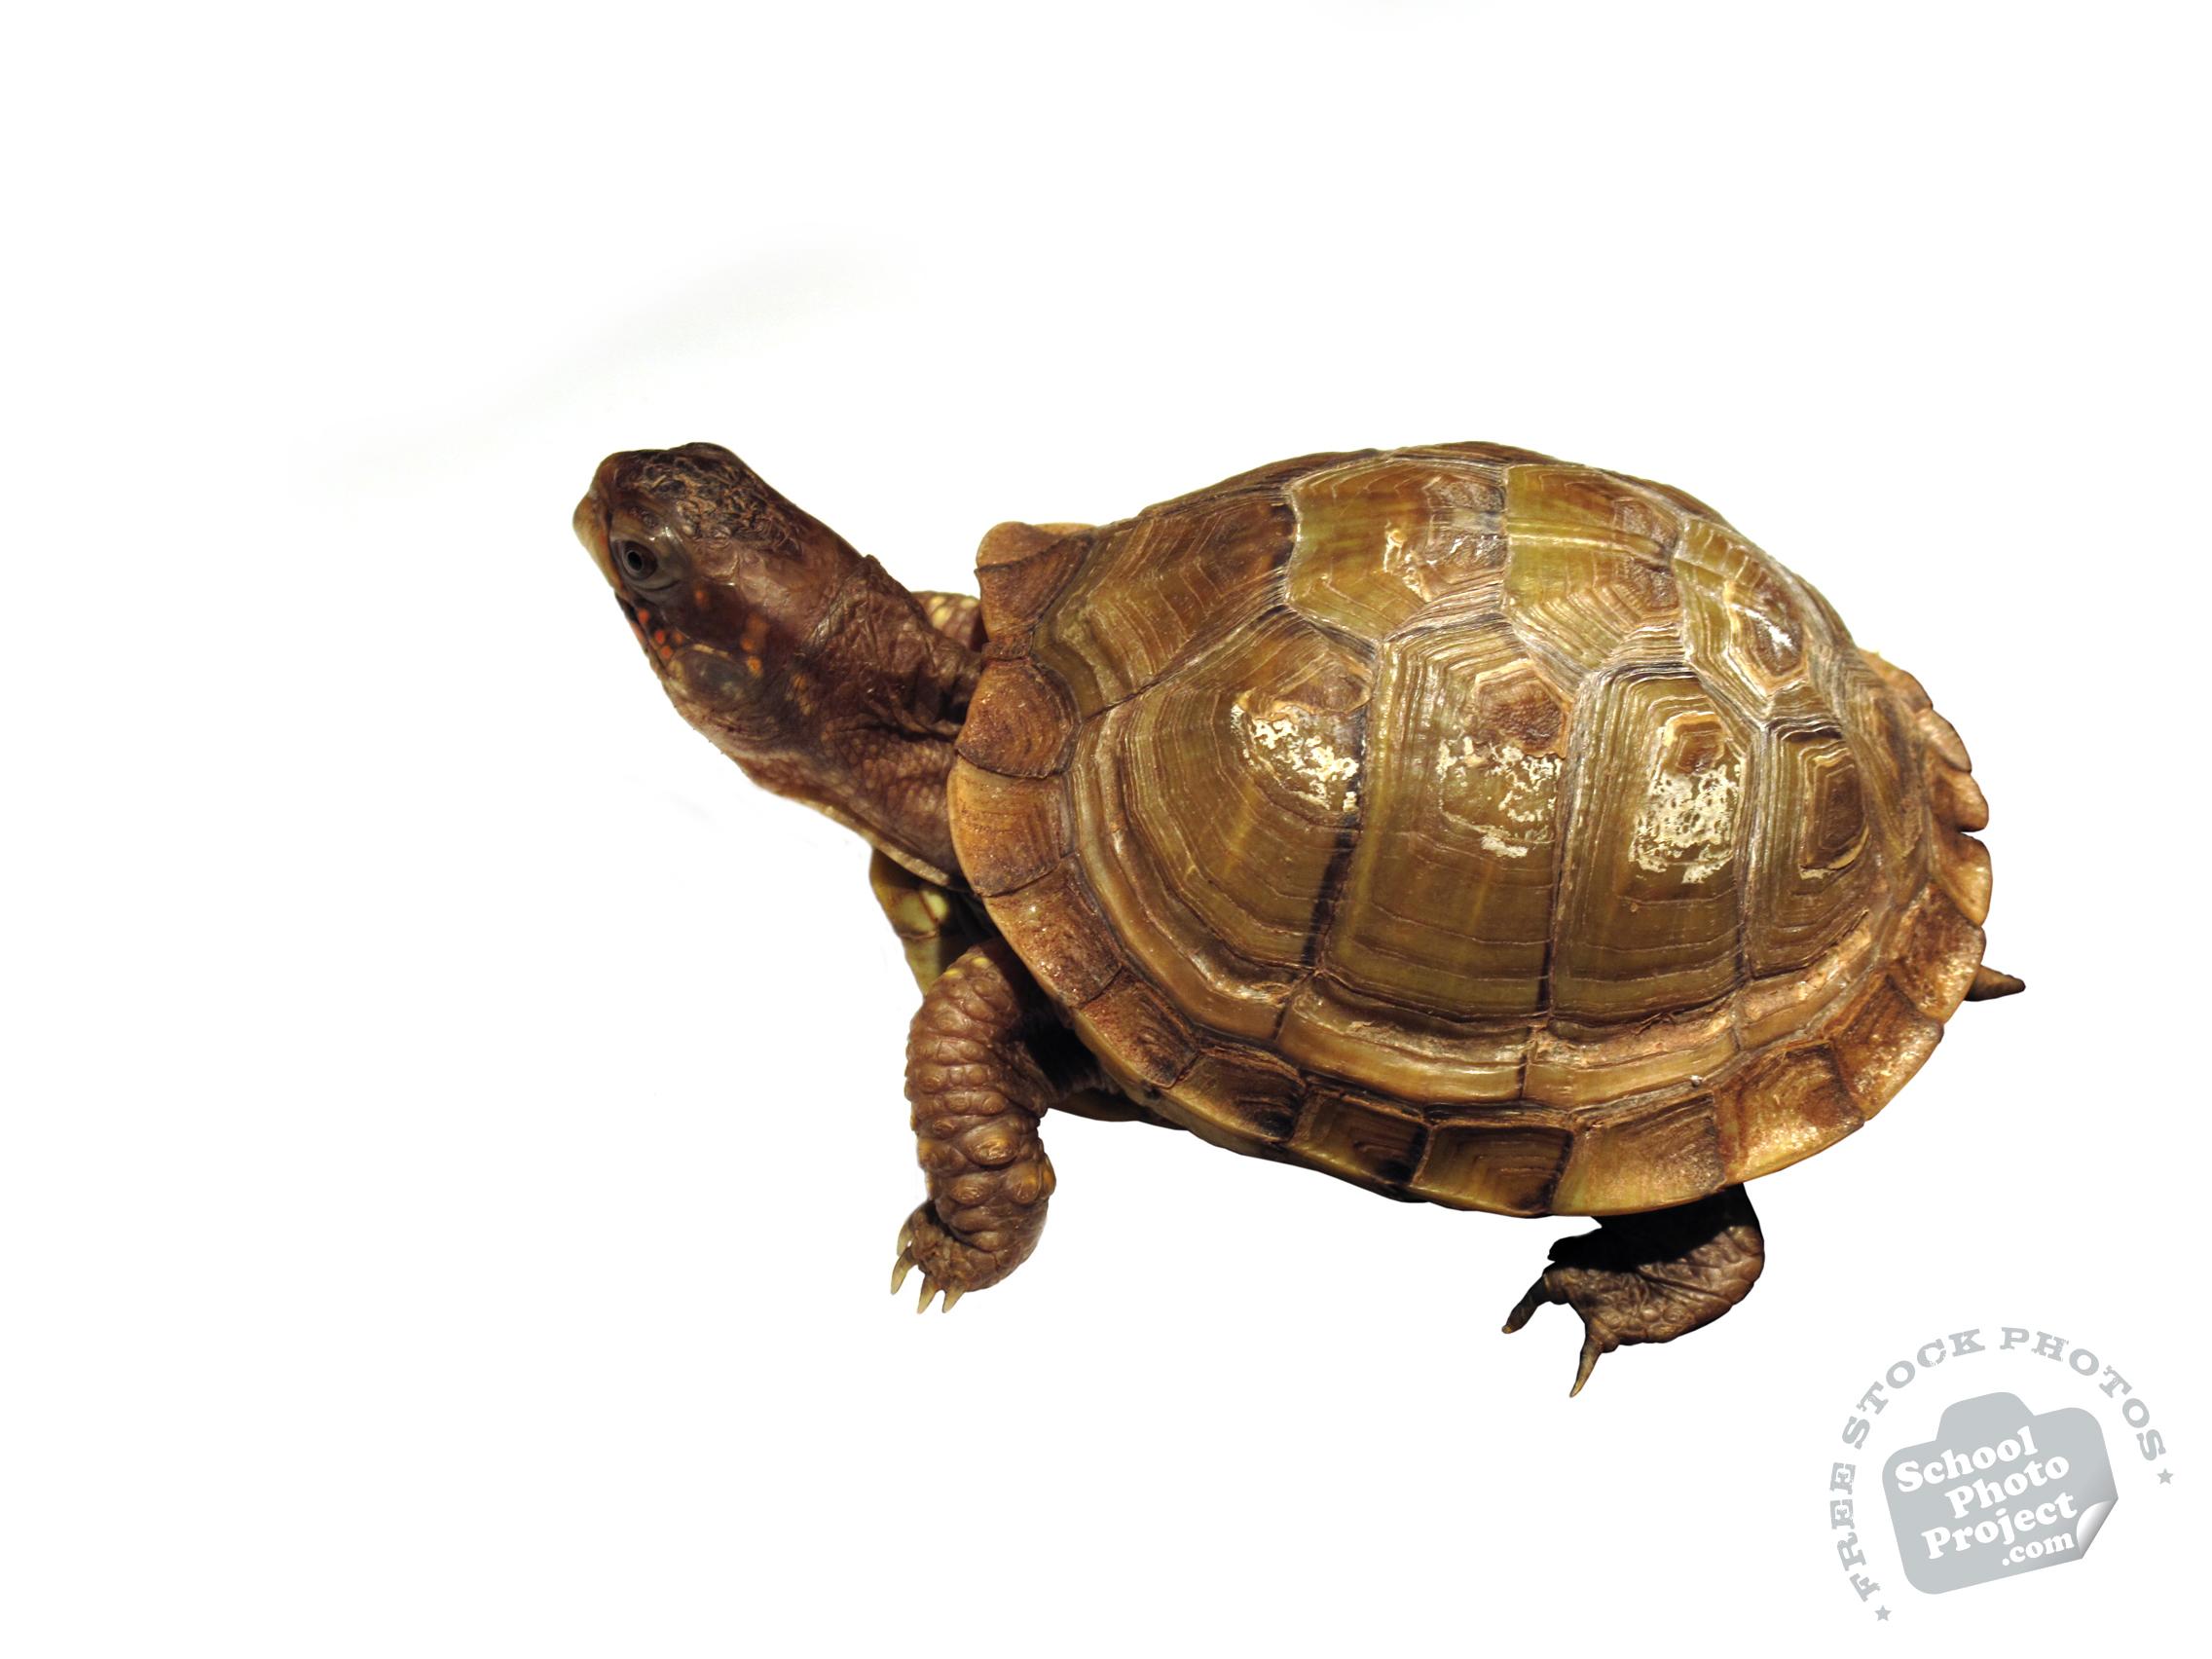 tortoise, turtle, turtle photo, pet turtle, pet, animal, photo, free ...